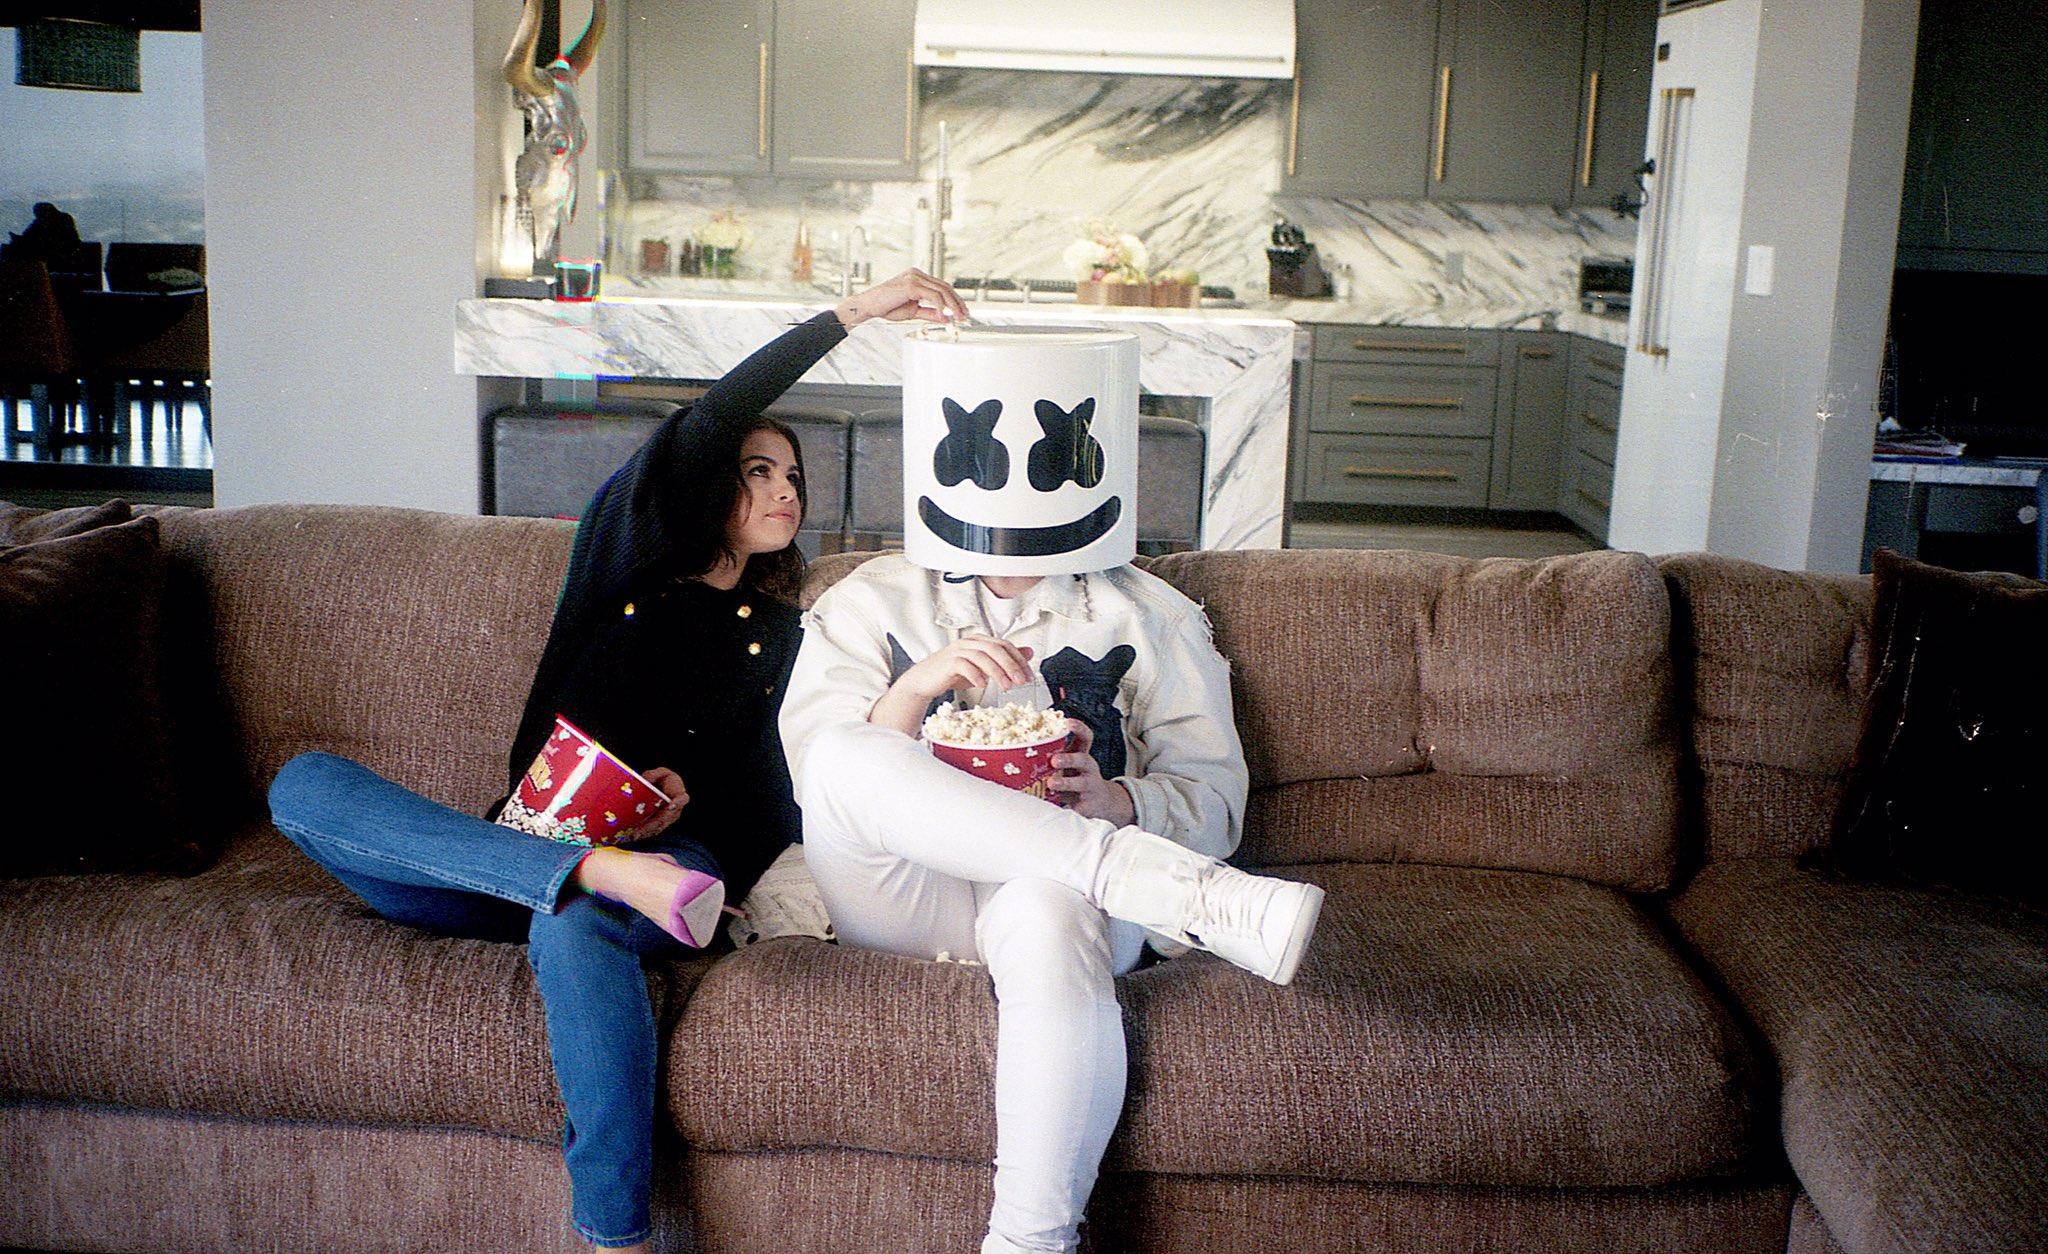 Selena Gomez and Marshmello